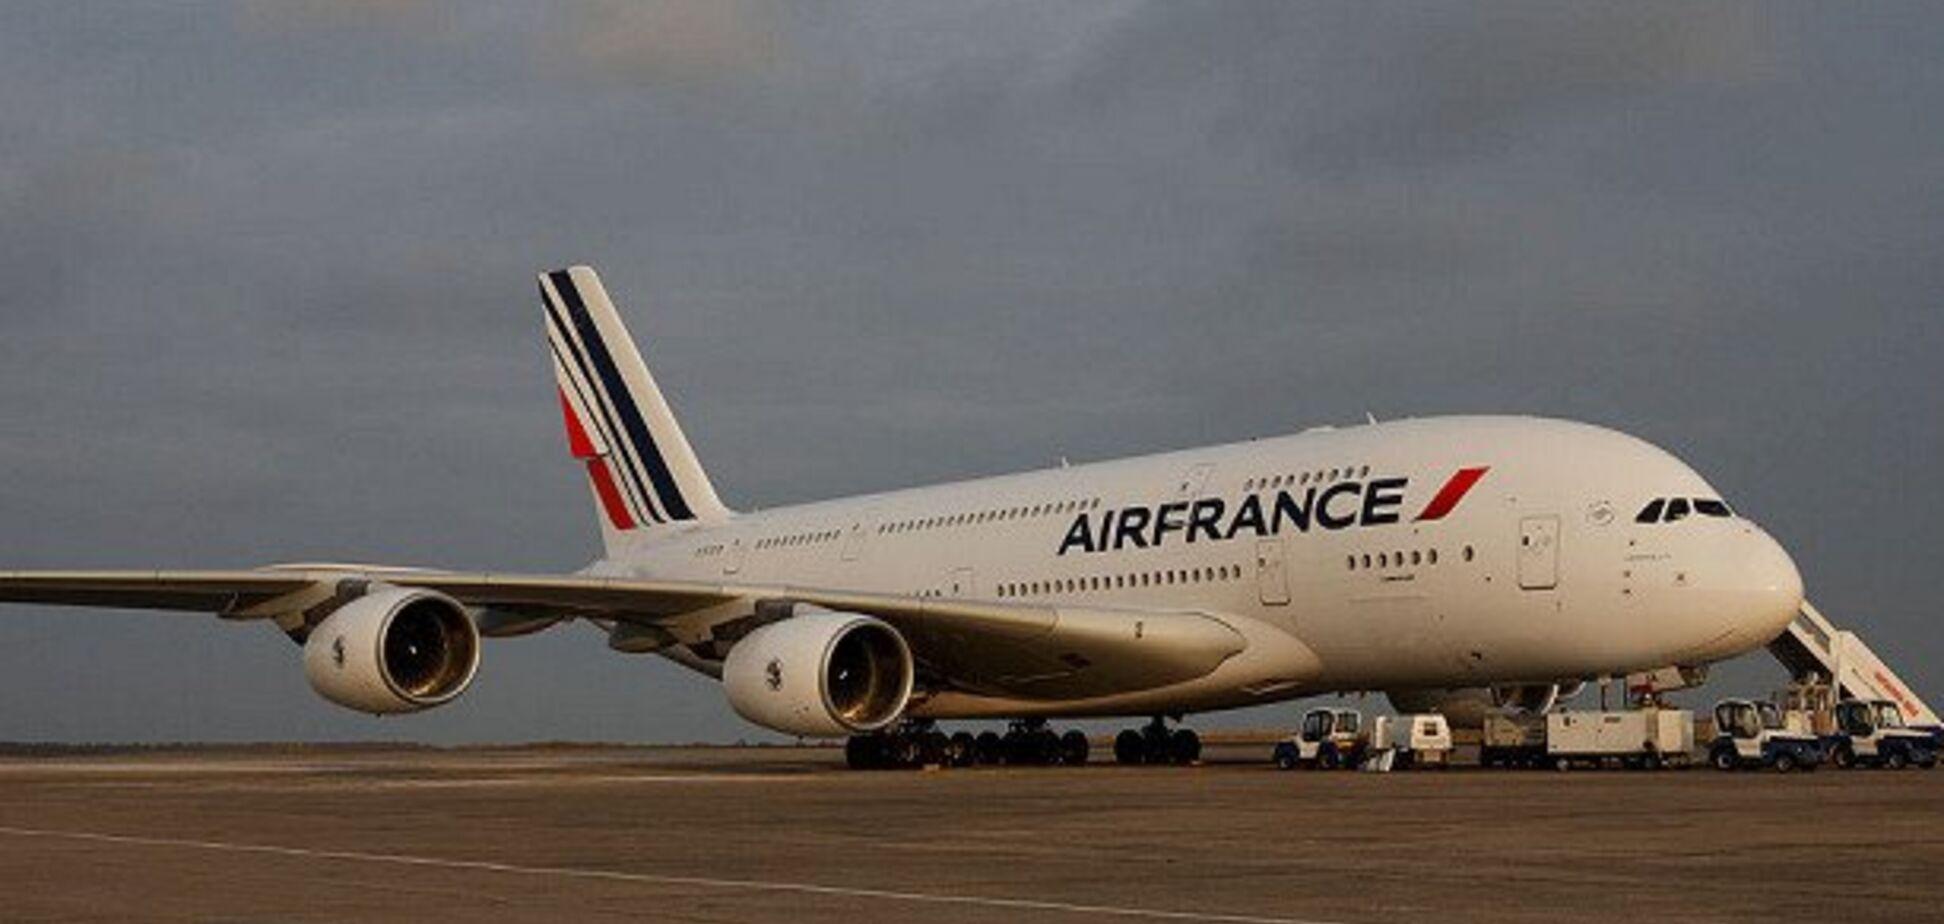 Масштабы поражают: как я летел на двухэтажном самолете Airbus